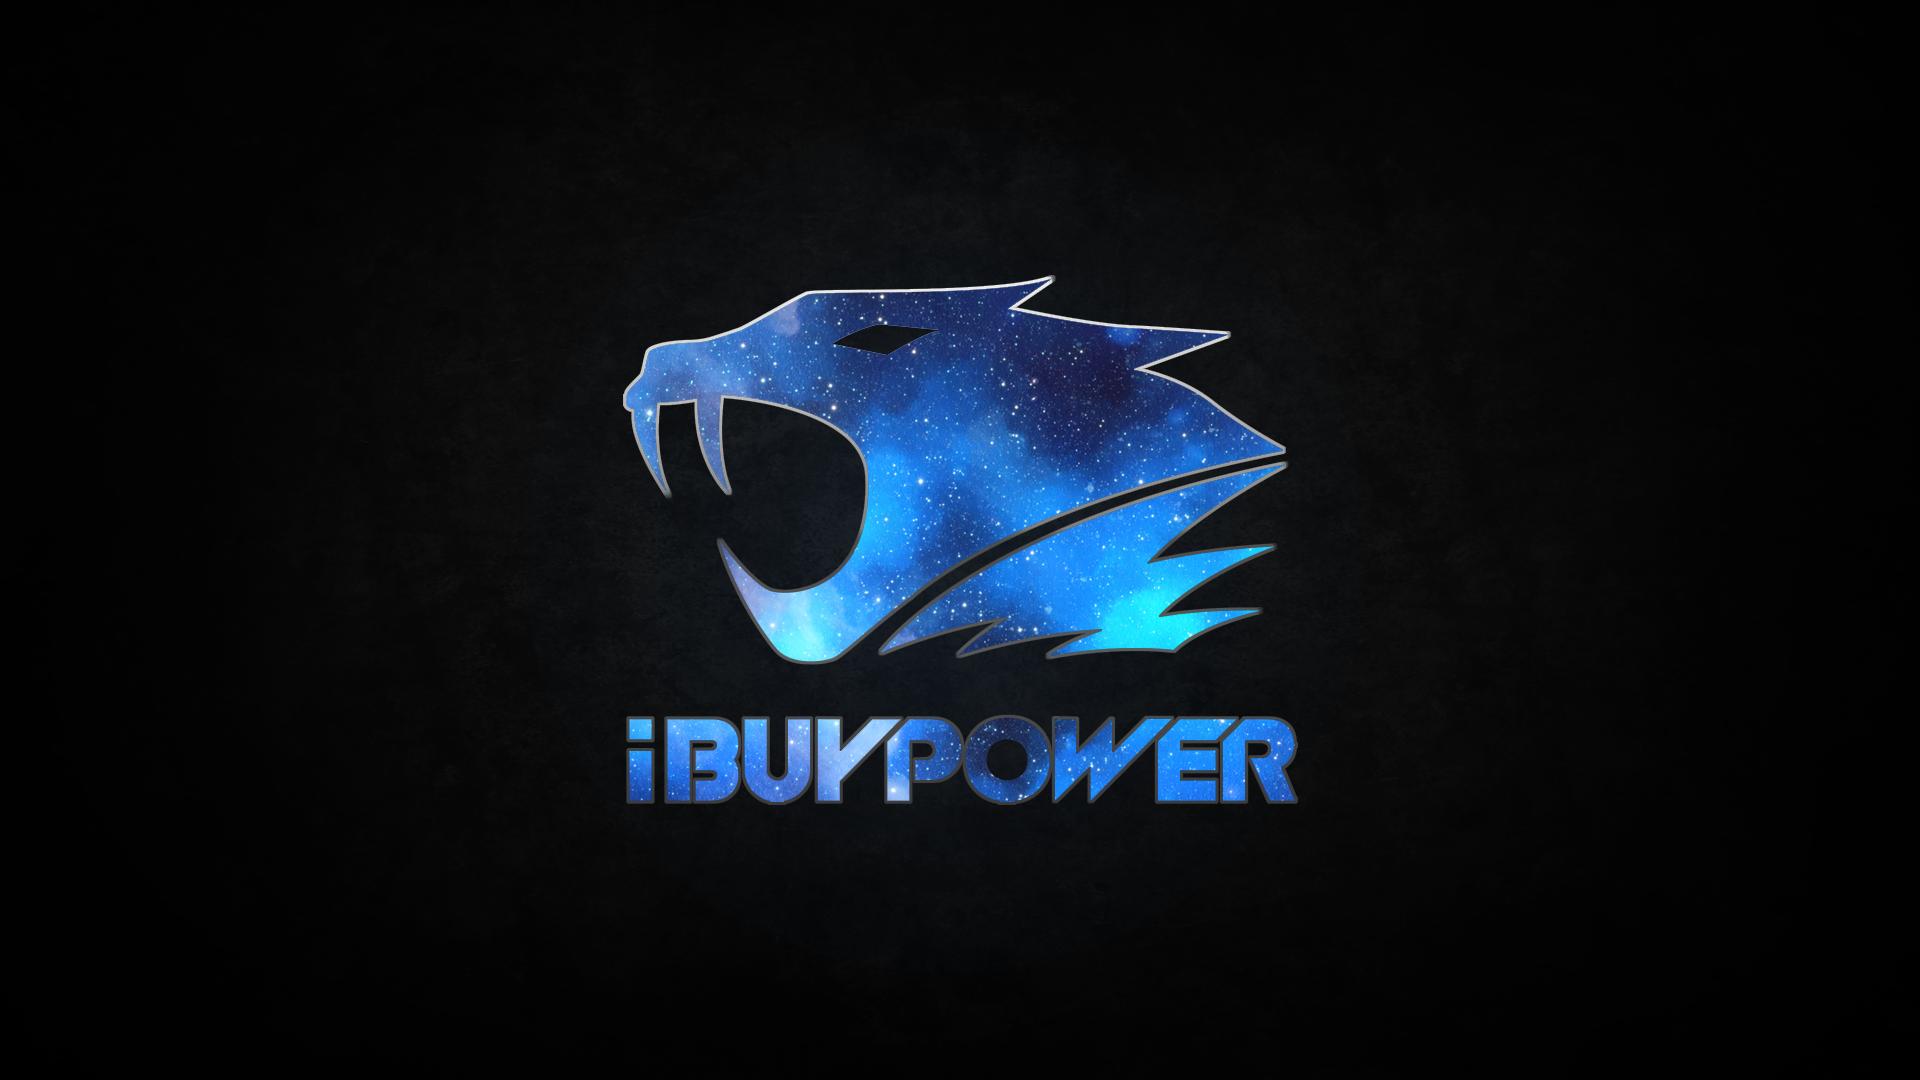 ibuypower cs go